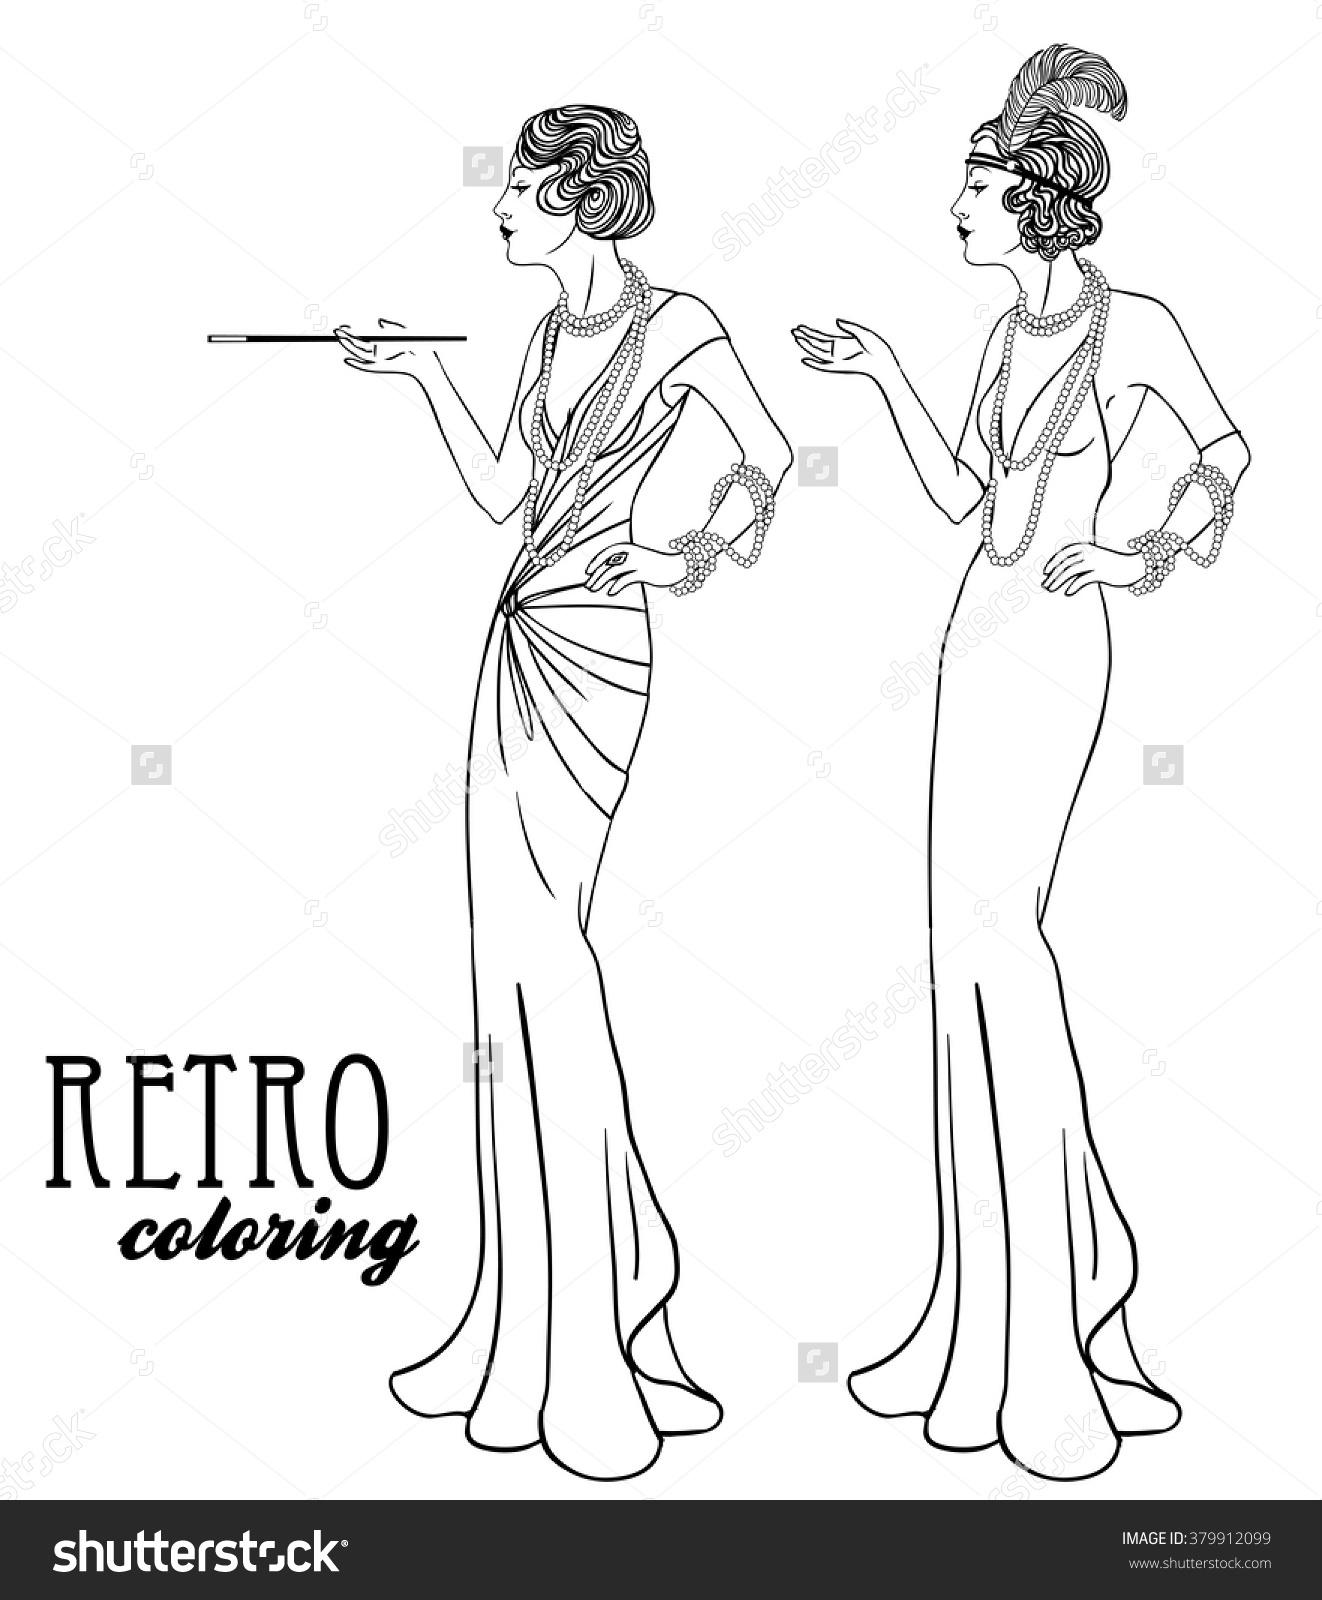 Retro coloring #16, Download drawings